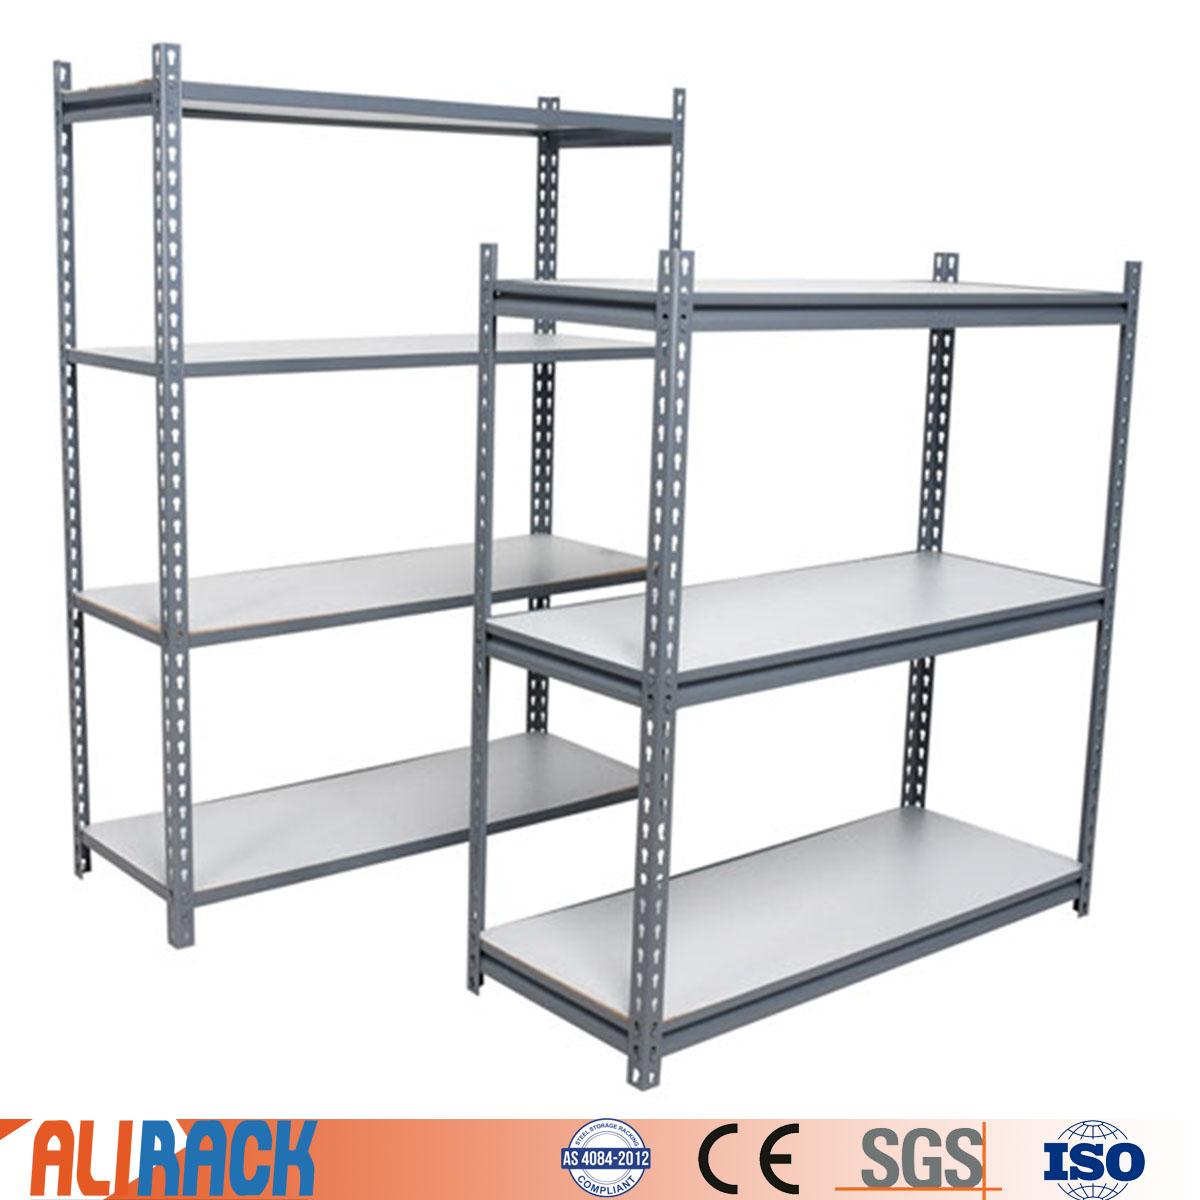 Ali racking light duty shelving racking boltless rivet shelving adjustable metal storage shelving racks